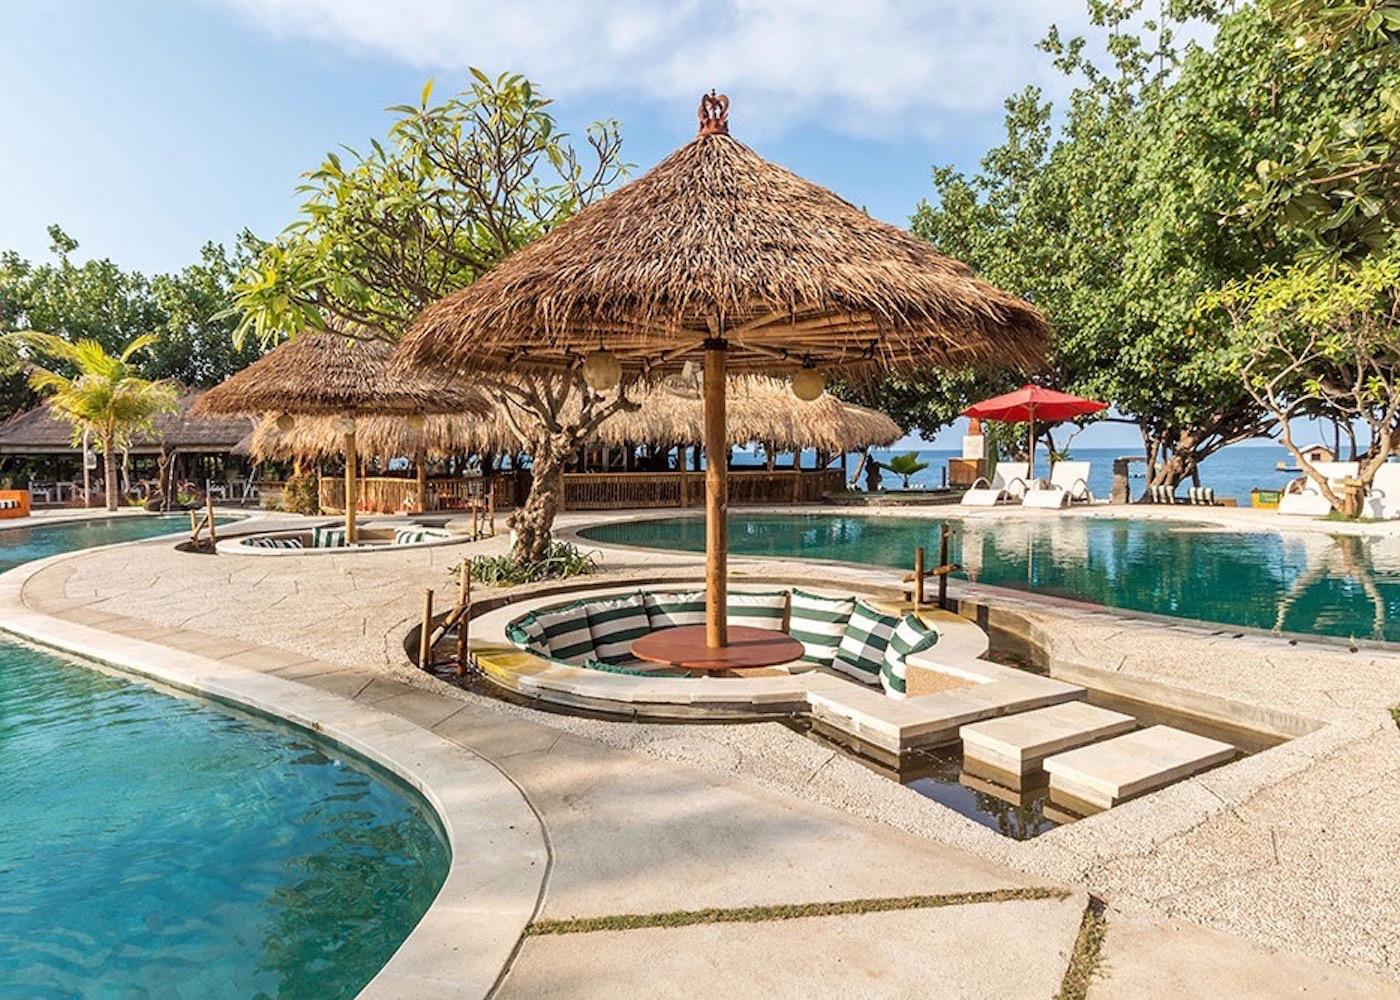 Taman Sari Resort in Pemuteran, North Bali, Indonesia